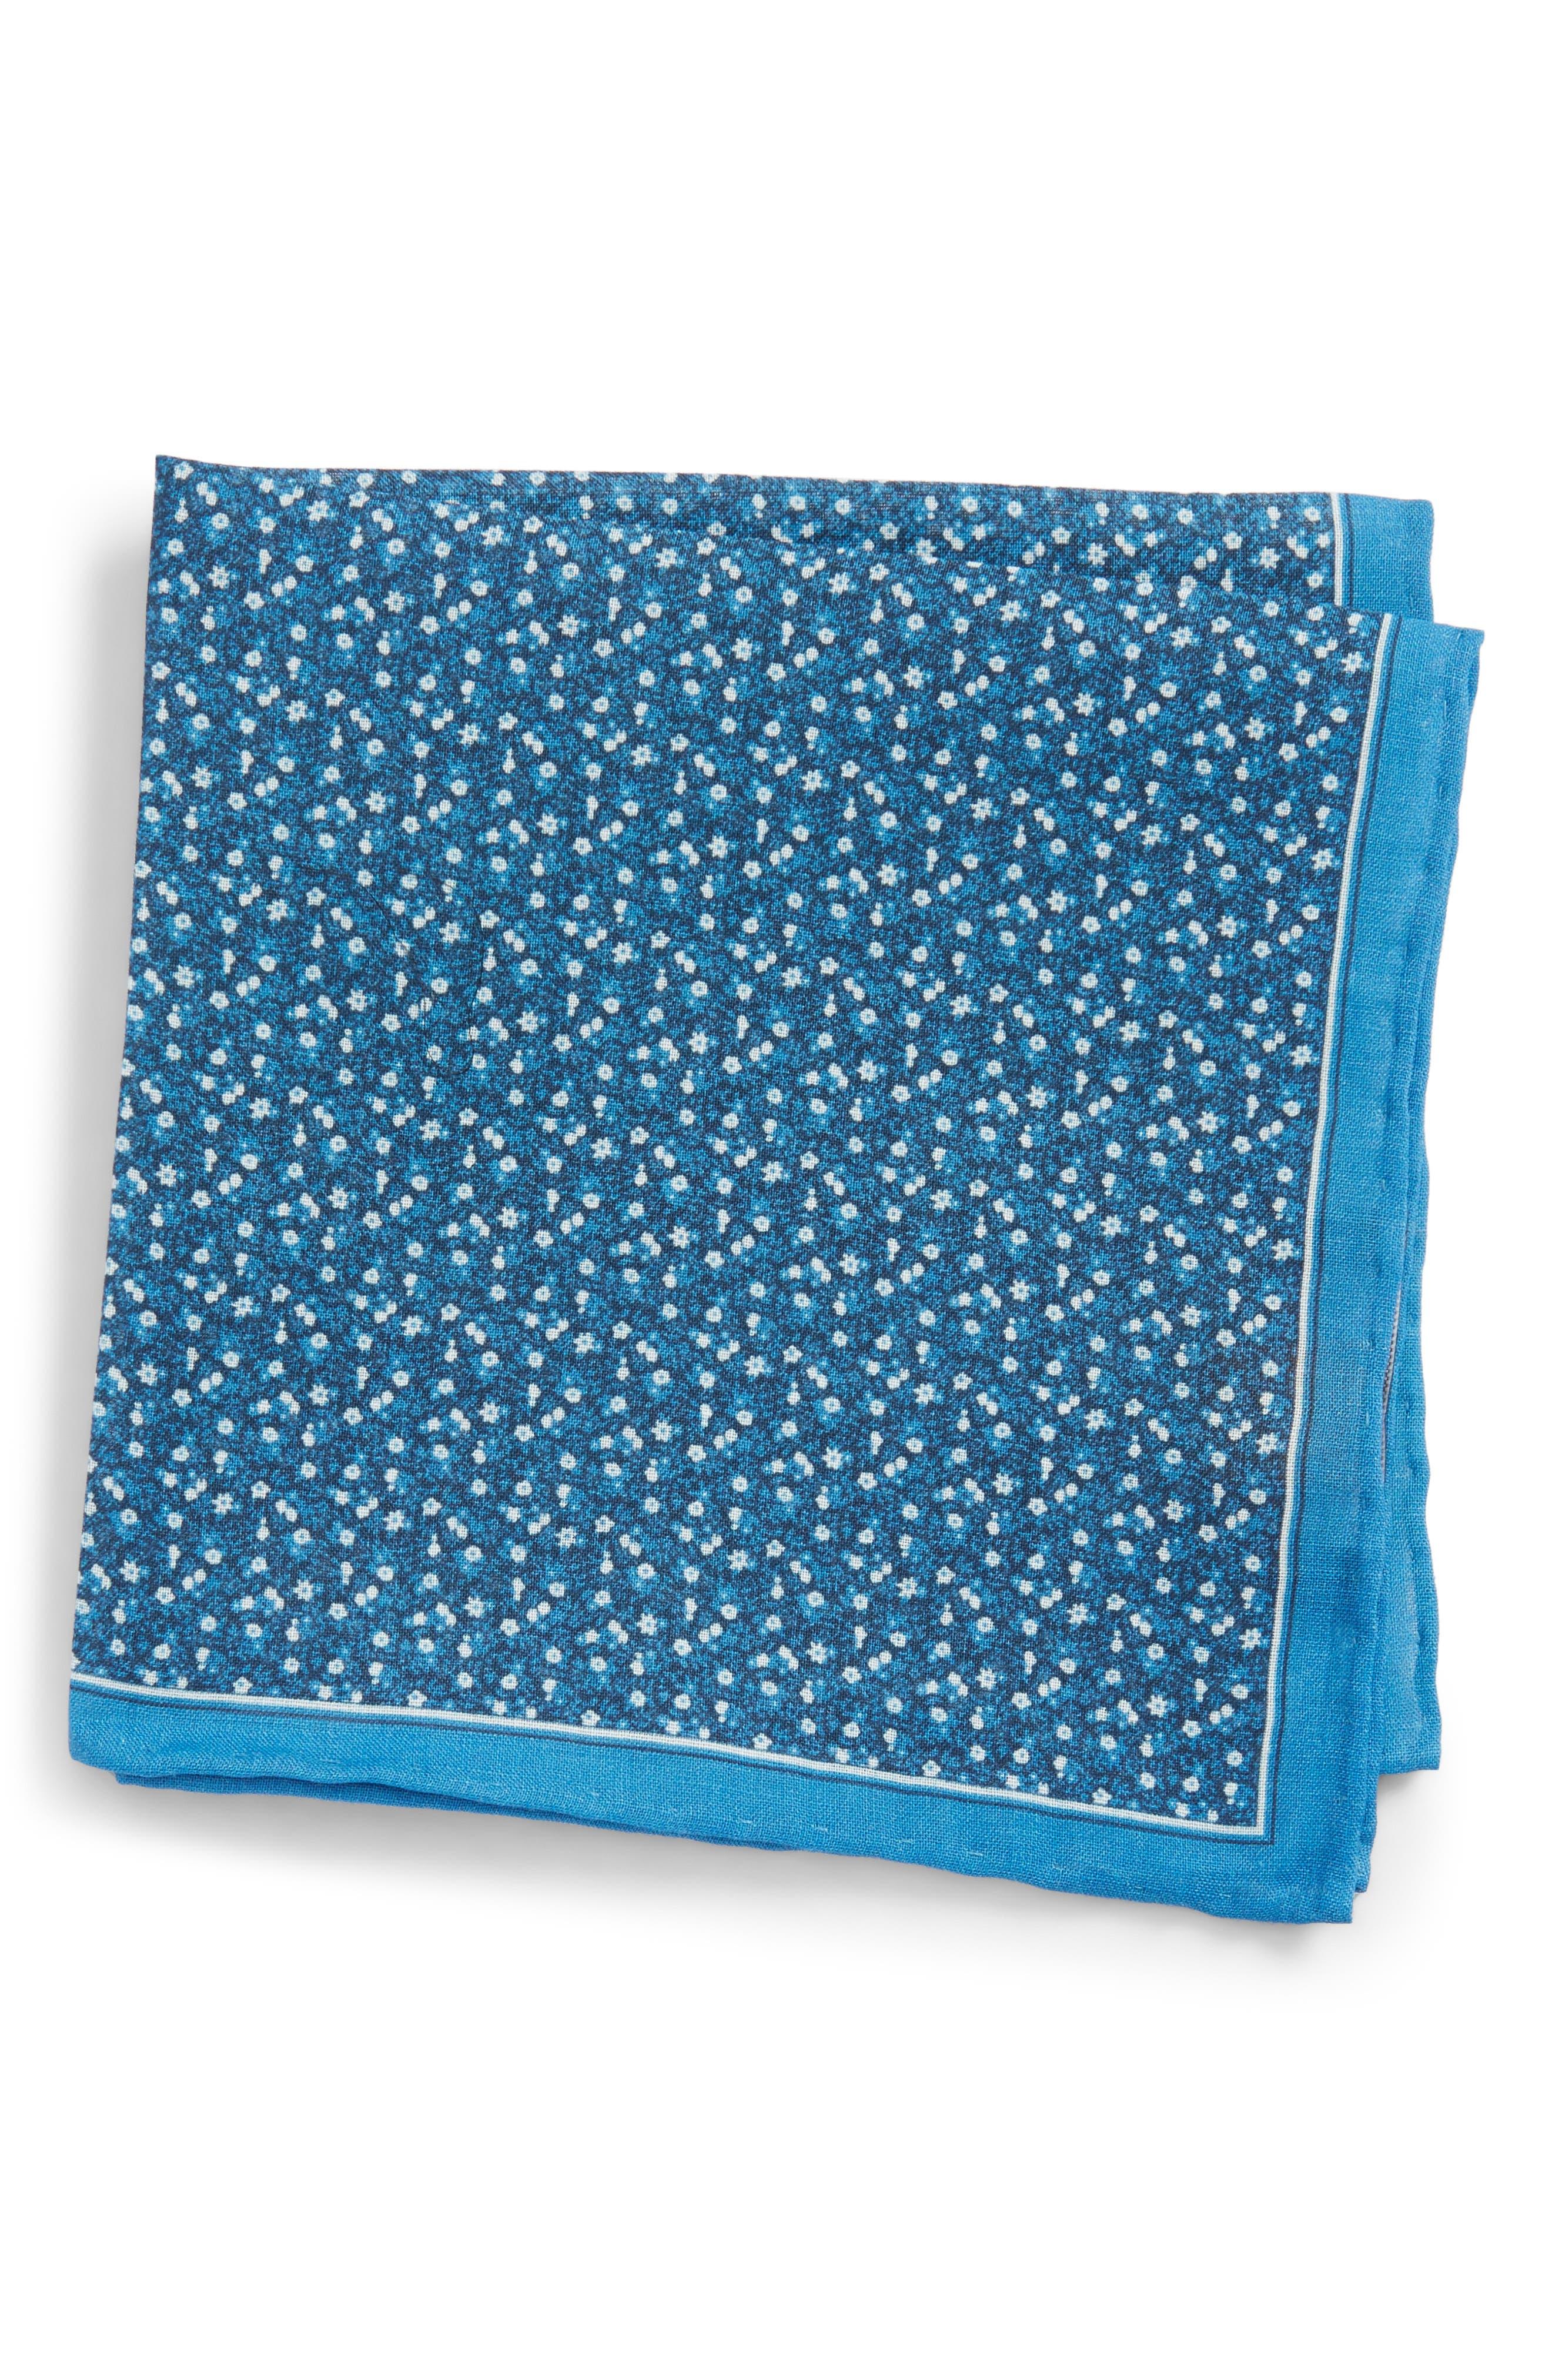 Floral Mark Linen Pocket Square,                         Main,                         color, Blue